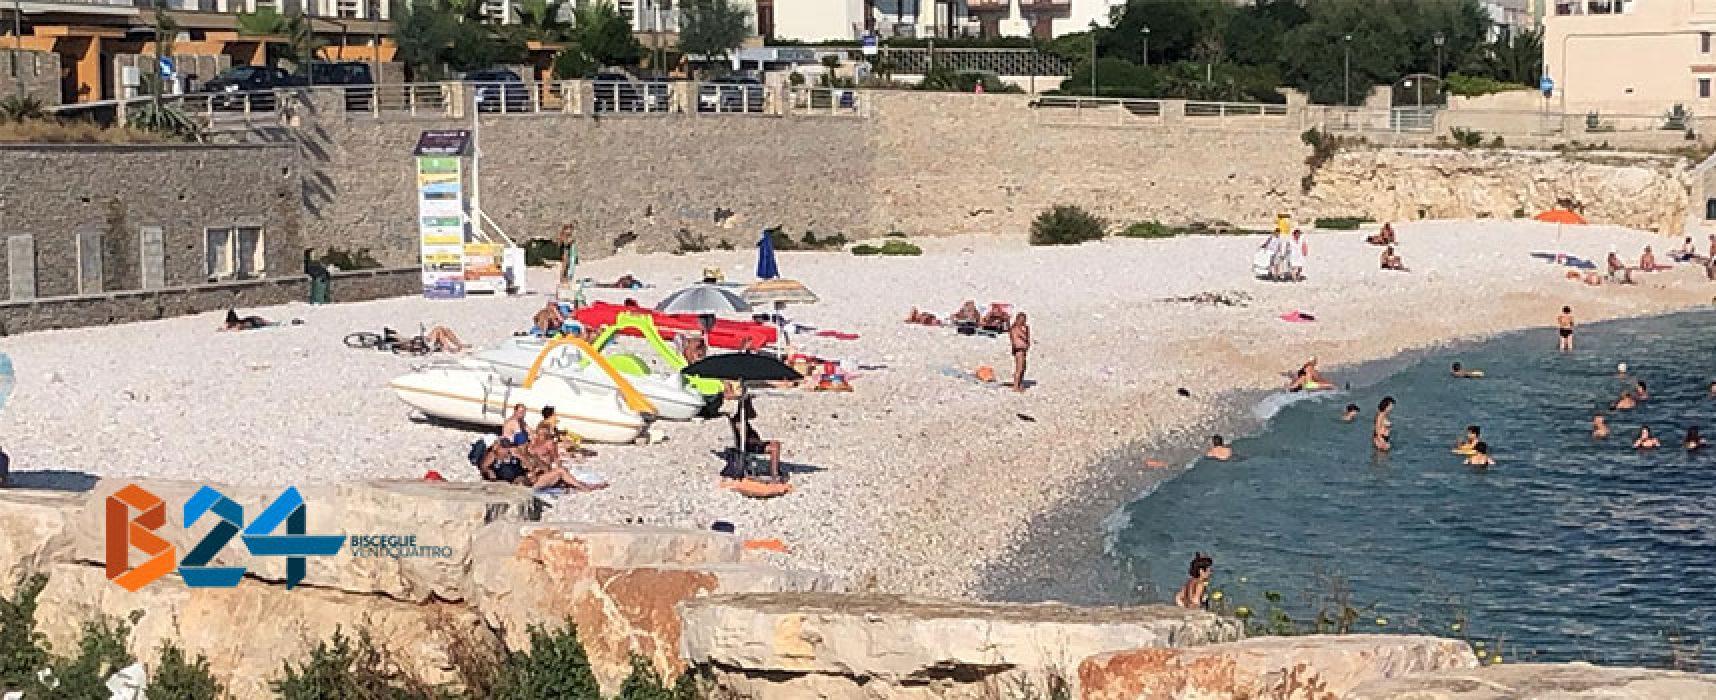 Turista accusa malore in spiaggia, soccorso da bagnino e trasportato in pronto soccorso